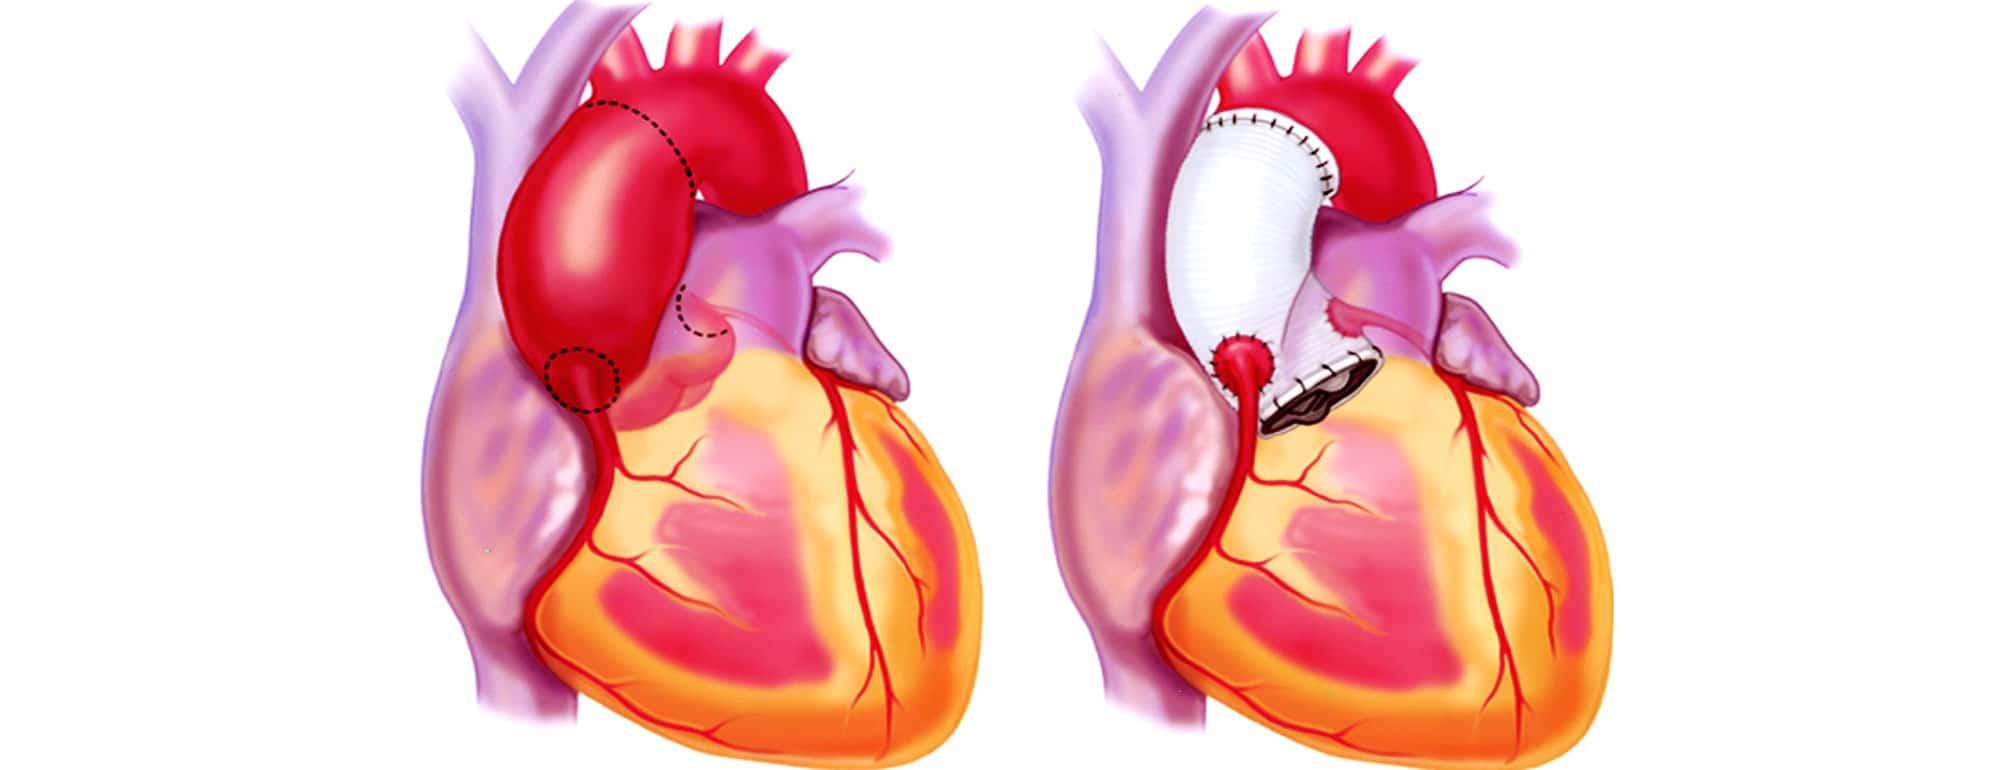 ανεύρυσμα καρδιολόγος κοντός βασίλειος ψυχικό